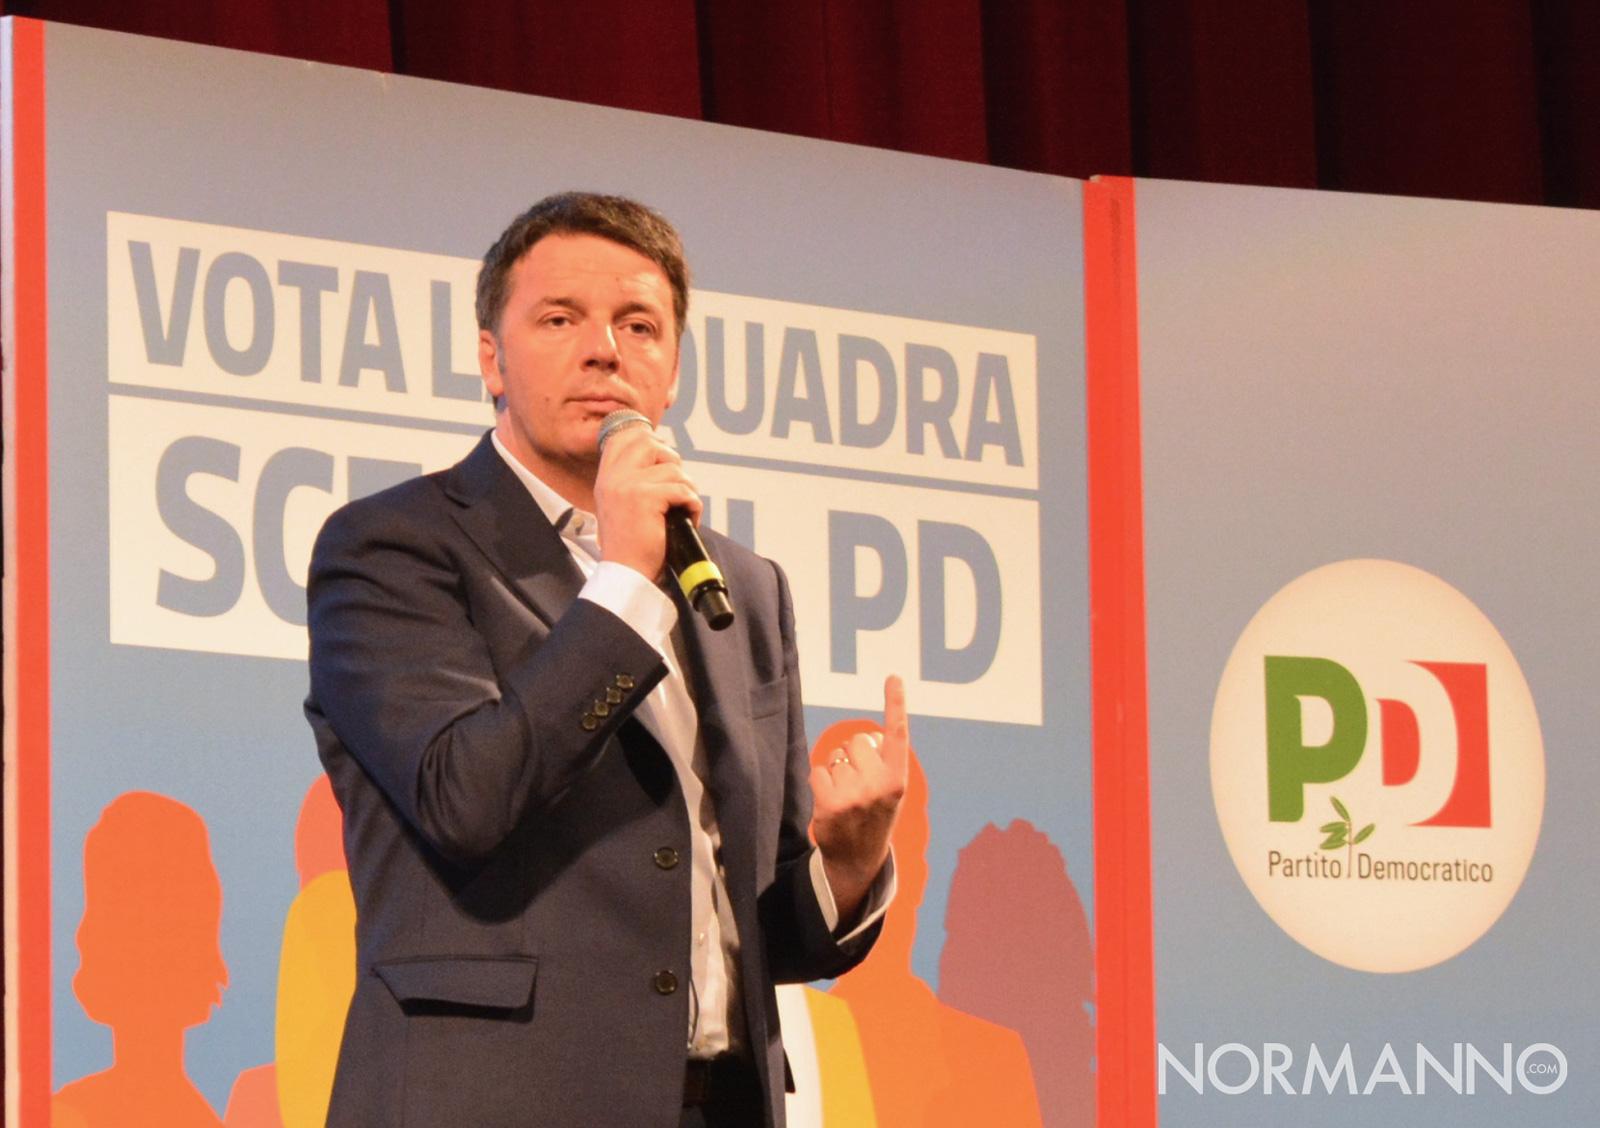 Foto di Matteo Renzi del convengo PD a Messina per le elezioni politiche 2018